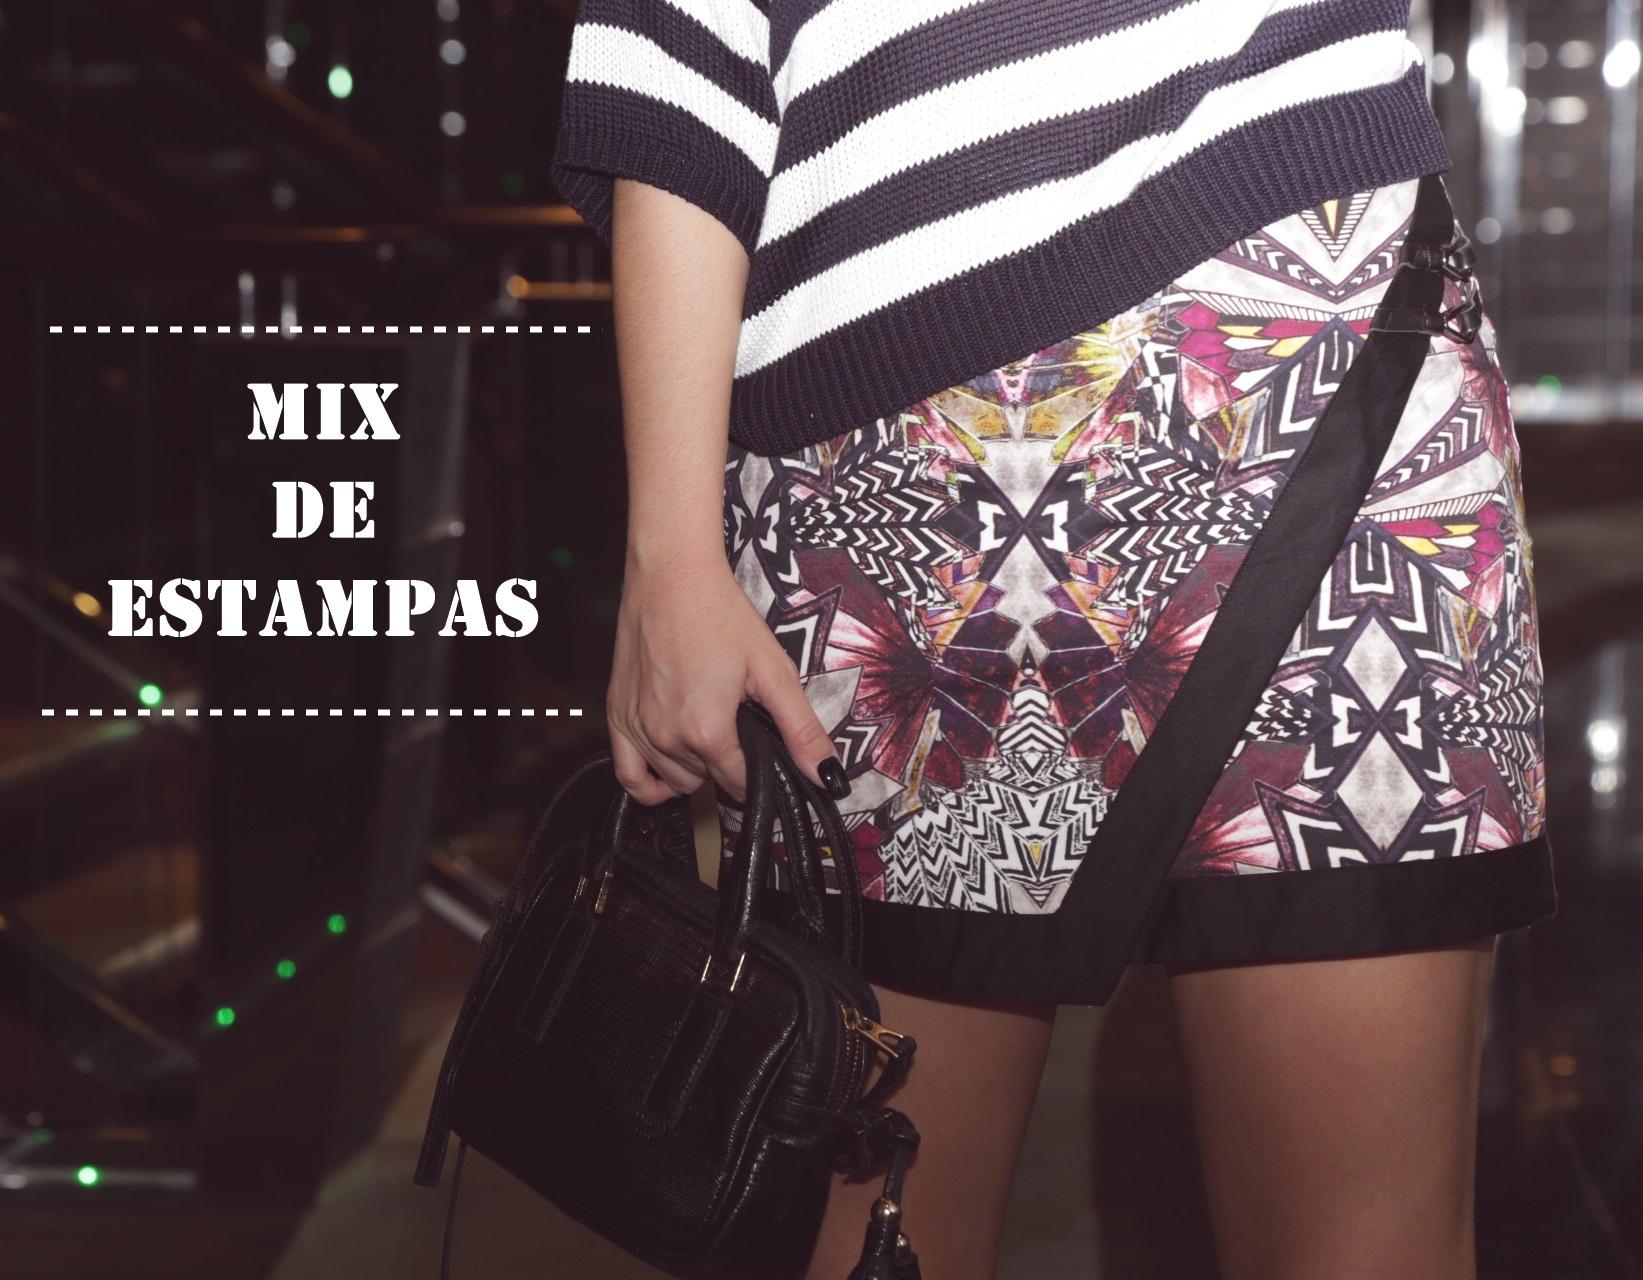 como-usar-mix-de-estampas-blog-vanduarte-CAPA